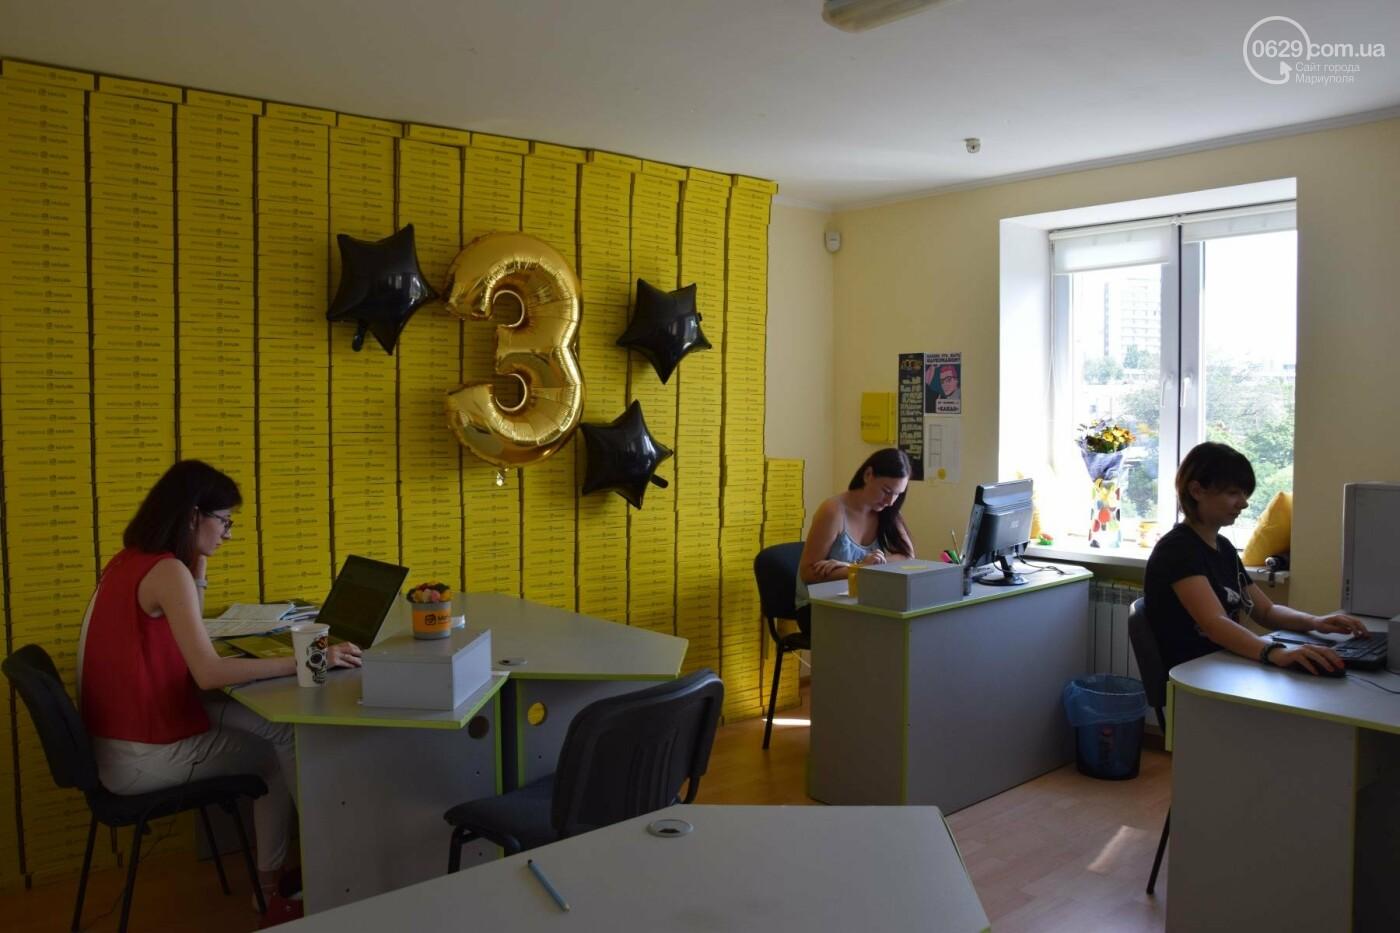 История успеха: Как мариупольчанка превратила счастливые моменты в бизнес, - ФОТО, ВИДЕО, фото-11